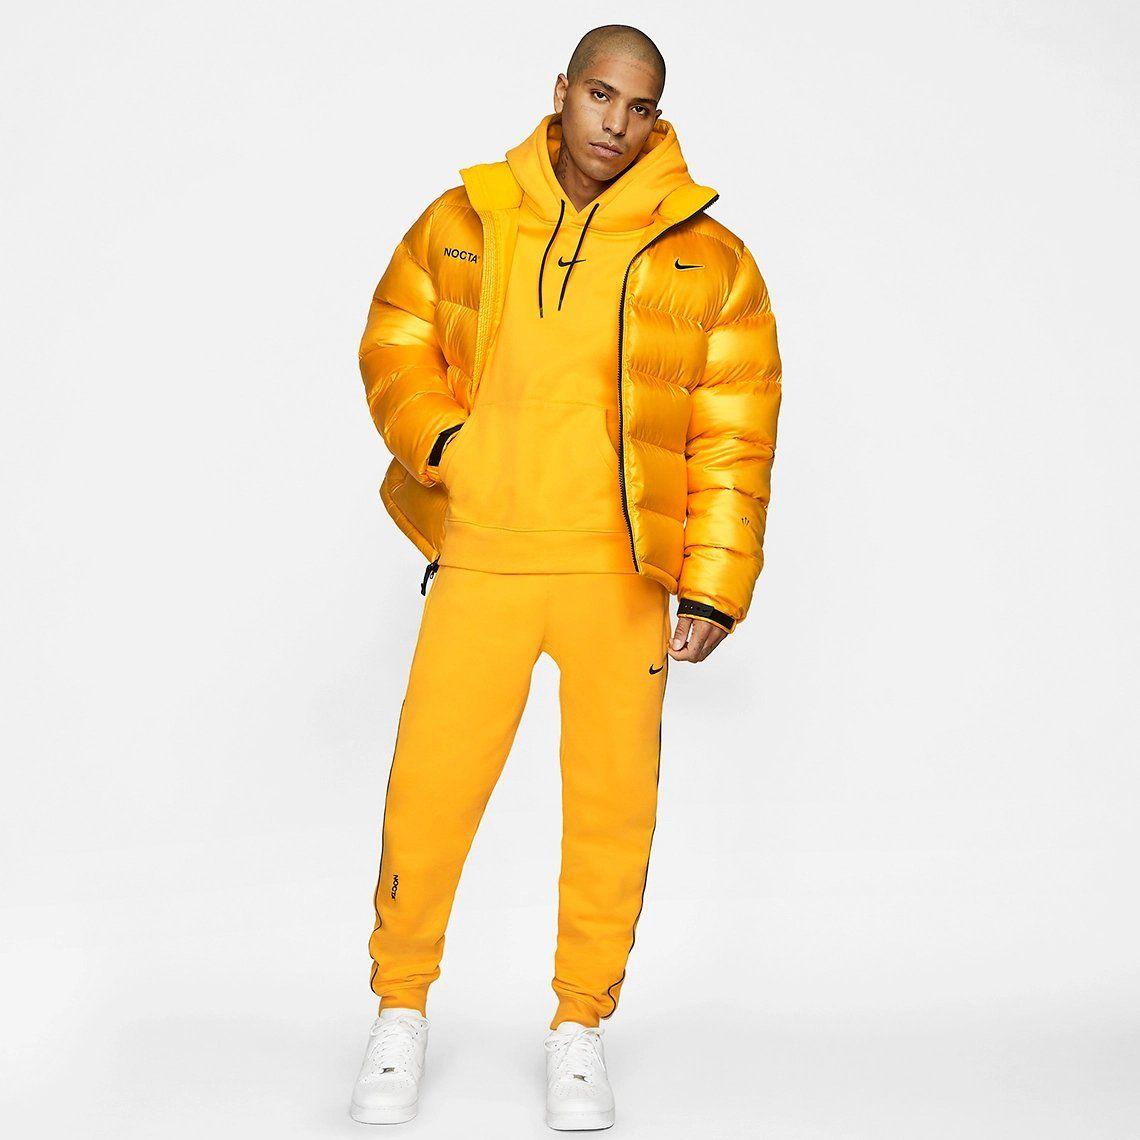 Buzznkr On Twitter Street Wear Streetwear Fashion Winter Jackets [ 1140 x 1140 Pixel ]